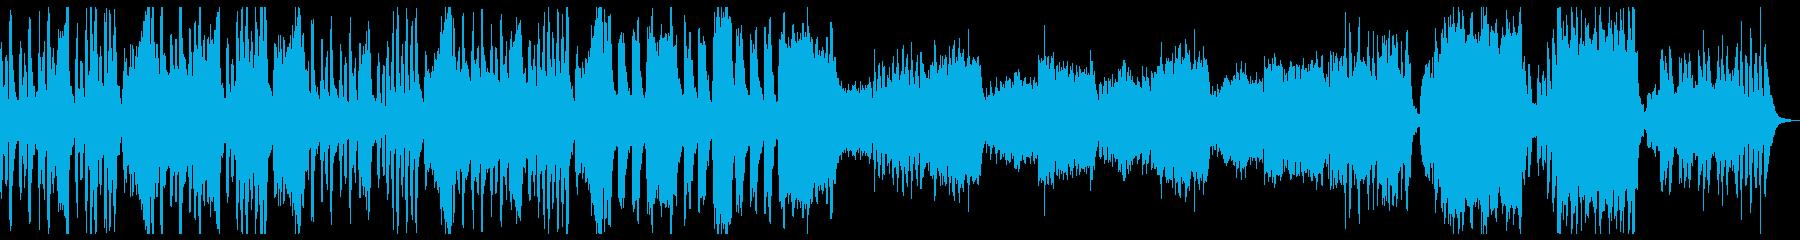 ややコミカルなハロウィンBGMの再生済みの波形